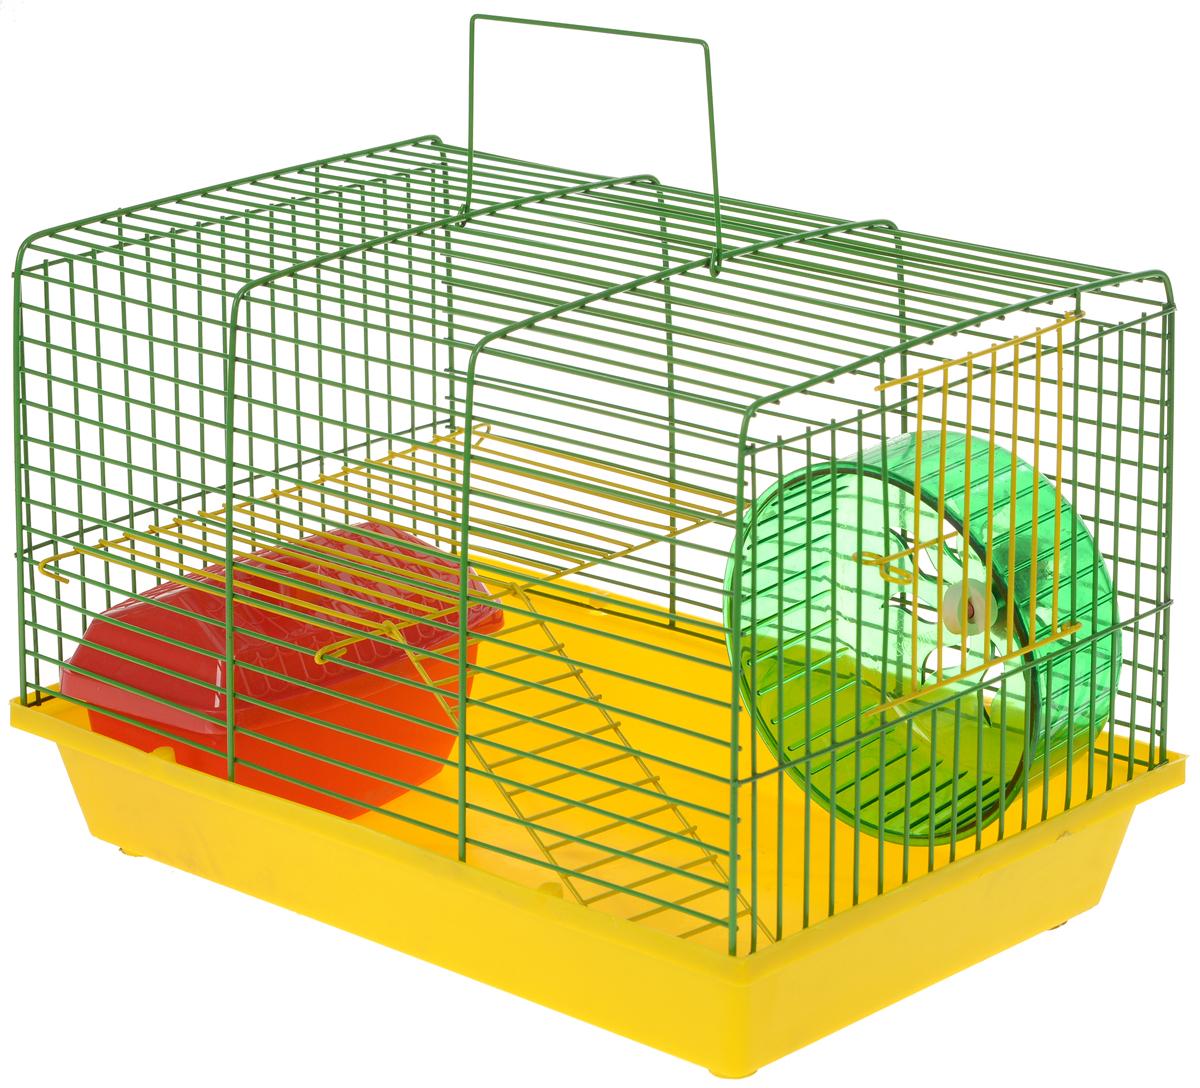 Клетка для грызунов  ЗооМарк , 2-этажная, цвет: желтый поддон, зеленая решетка, желтый этаж, 36 х 22 х 24 см - Клетки, вольеры, будки